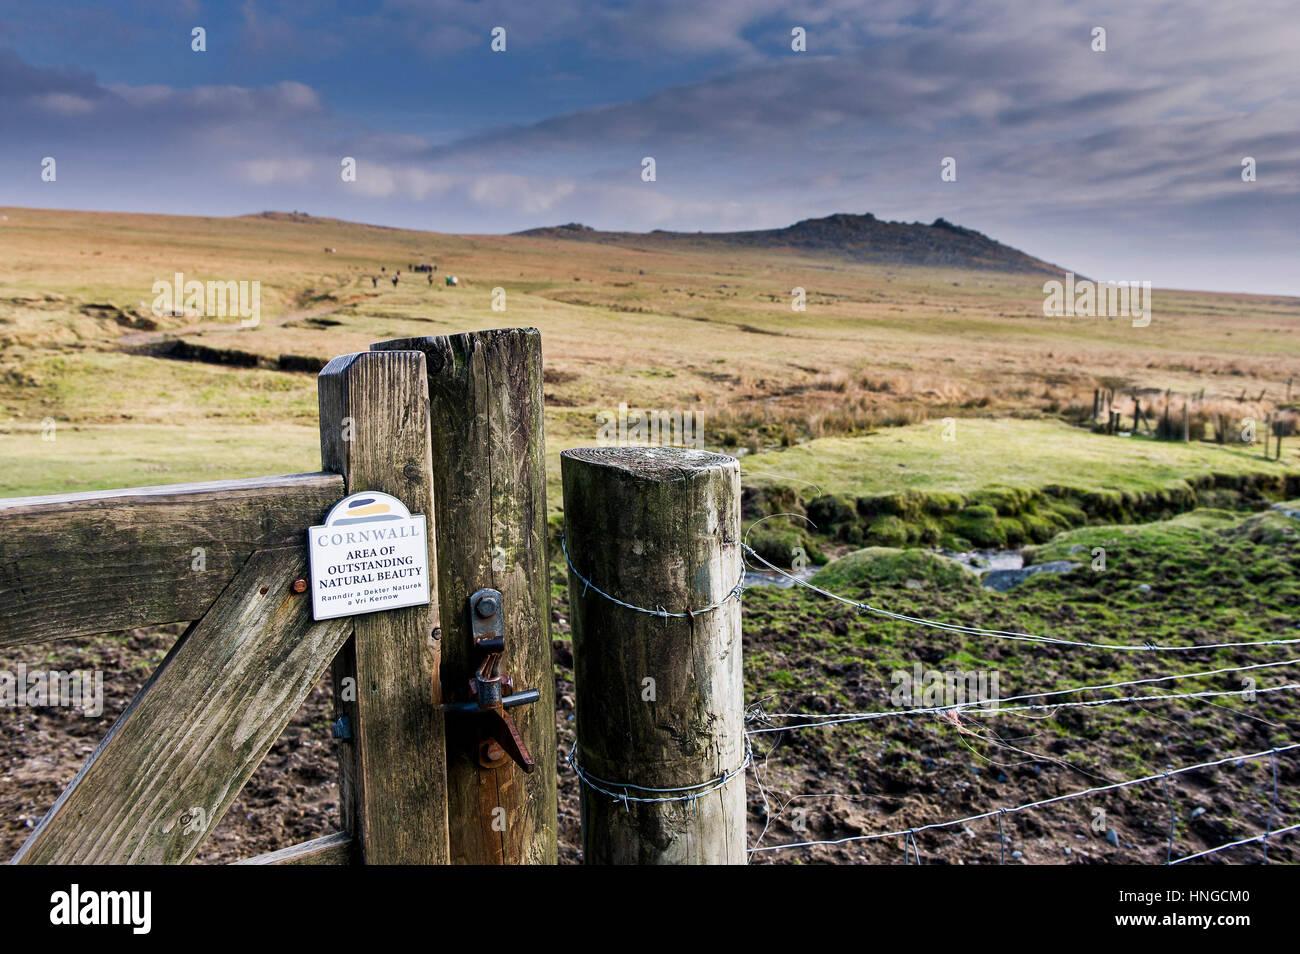 Un cancello a Tor ruvida, in una zona di straordinaria bellezza nazionale. La Cornovaglia. Immagini Stock